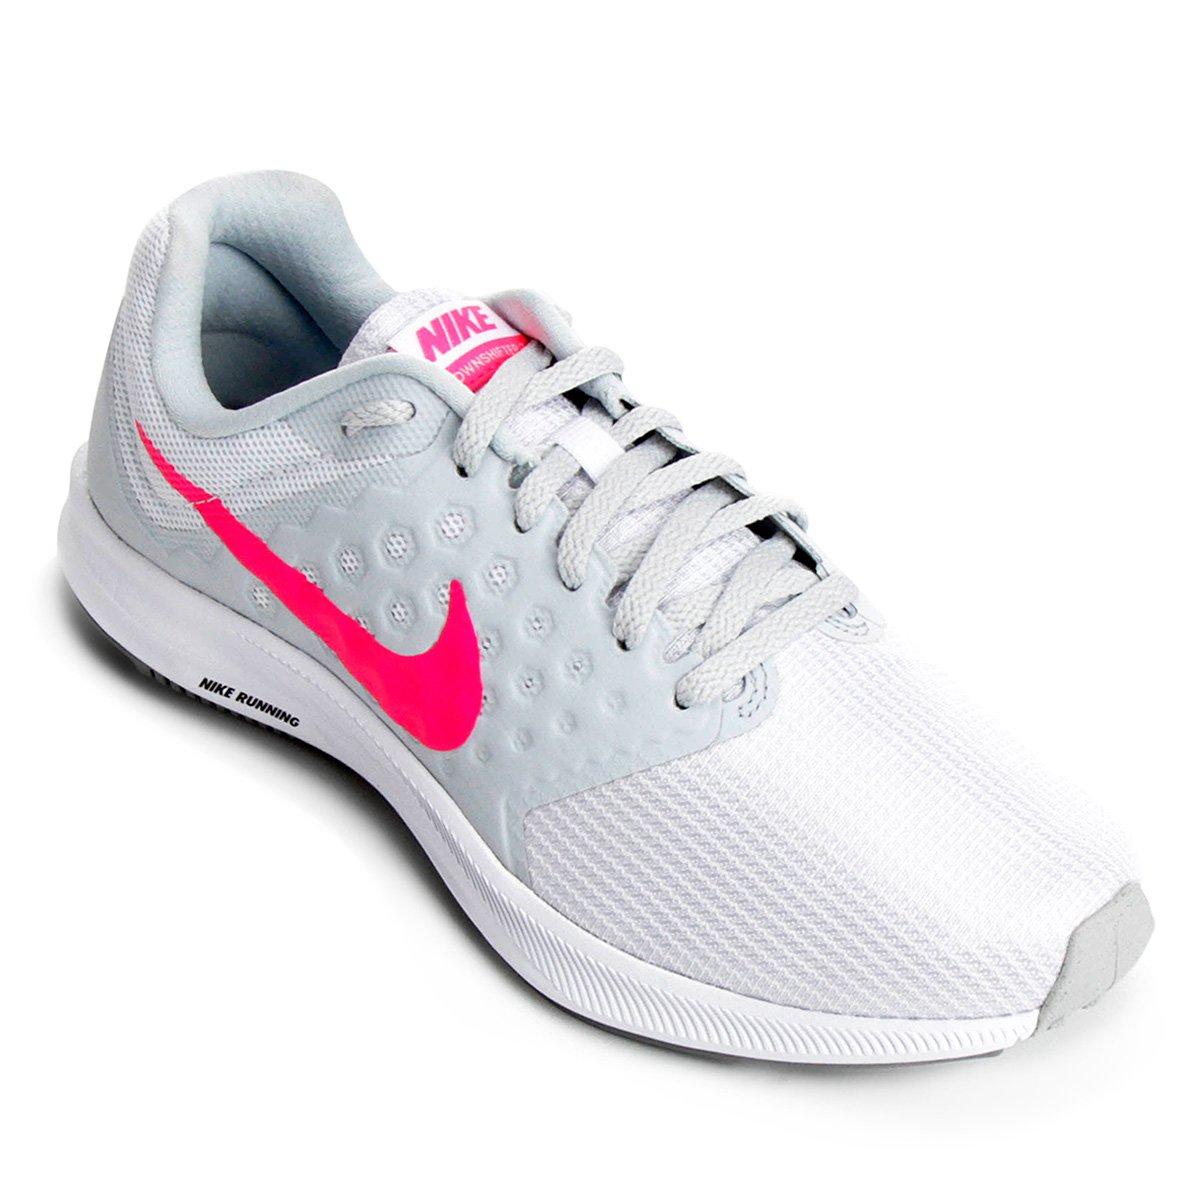 Tênis Nike Downshifter 7 Feminino - Branco e Rosa - Compre Agora ... e288a410c465a